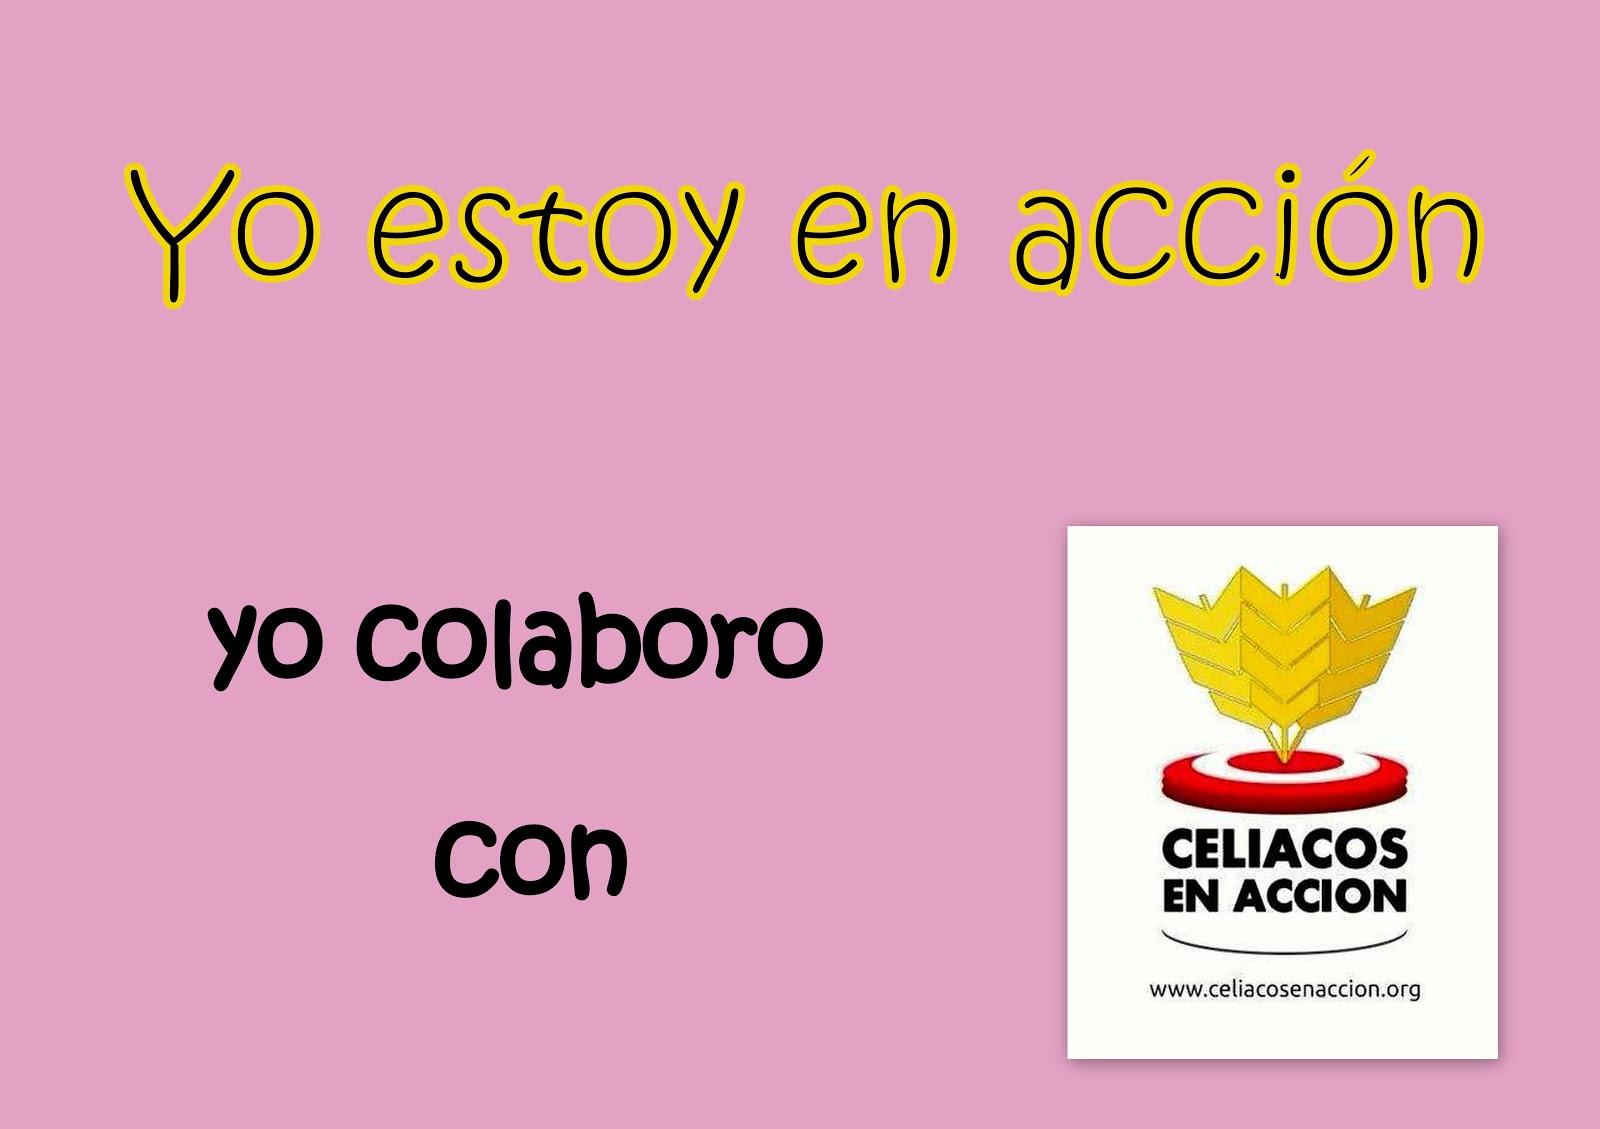 #QUENOPARE